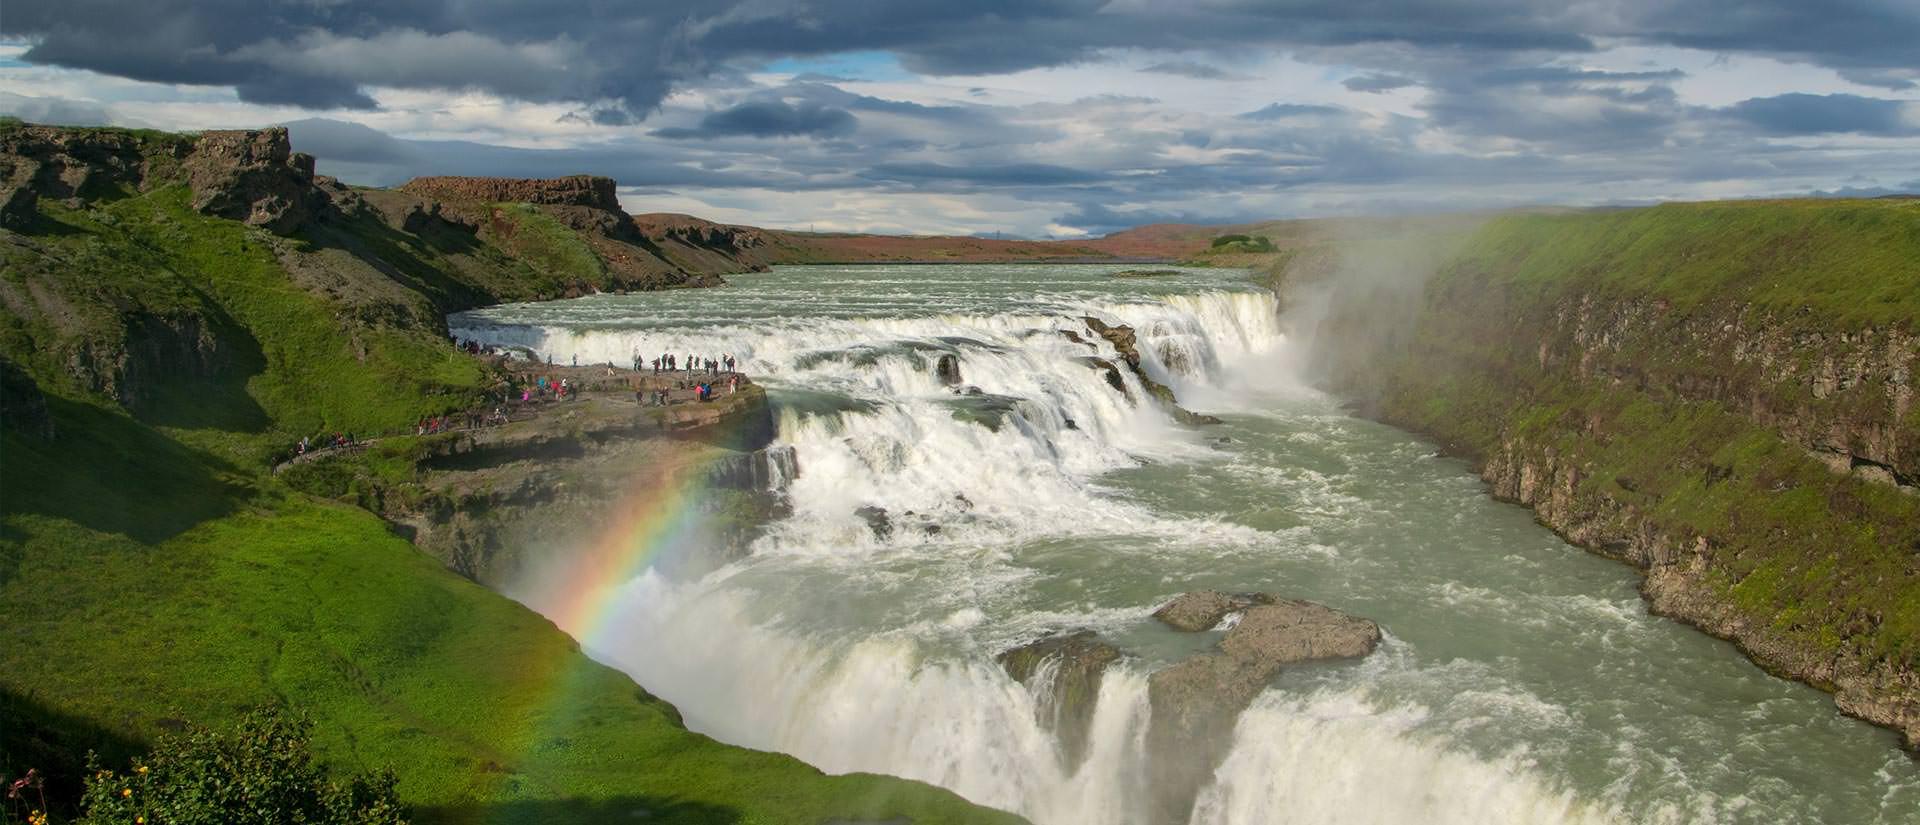 טיול מאורגן לאיסלנד עם החברה הגיאוגרפית